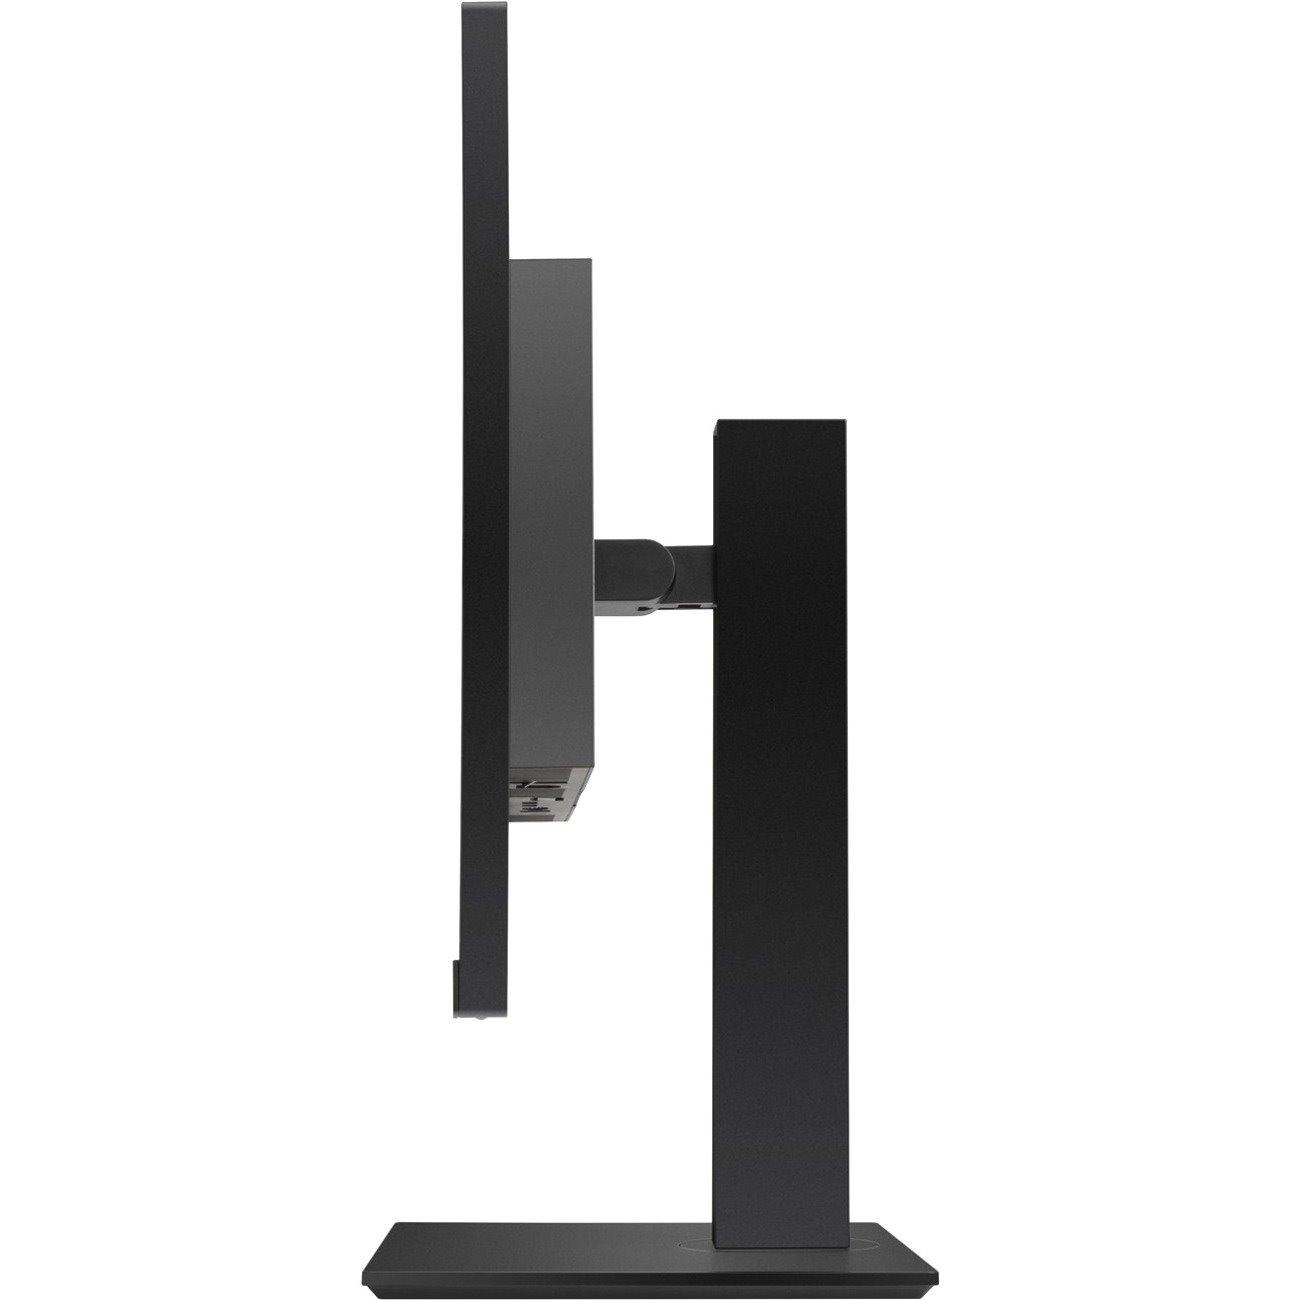 """HP Z24i G2 61 cm (24"""") WUXGA WLED LCD Monitor - 16:10 - Black Pearl"""